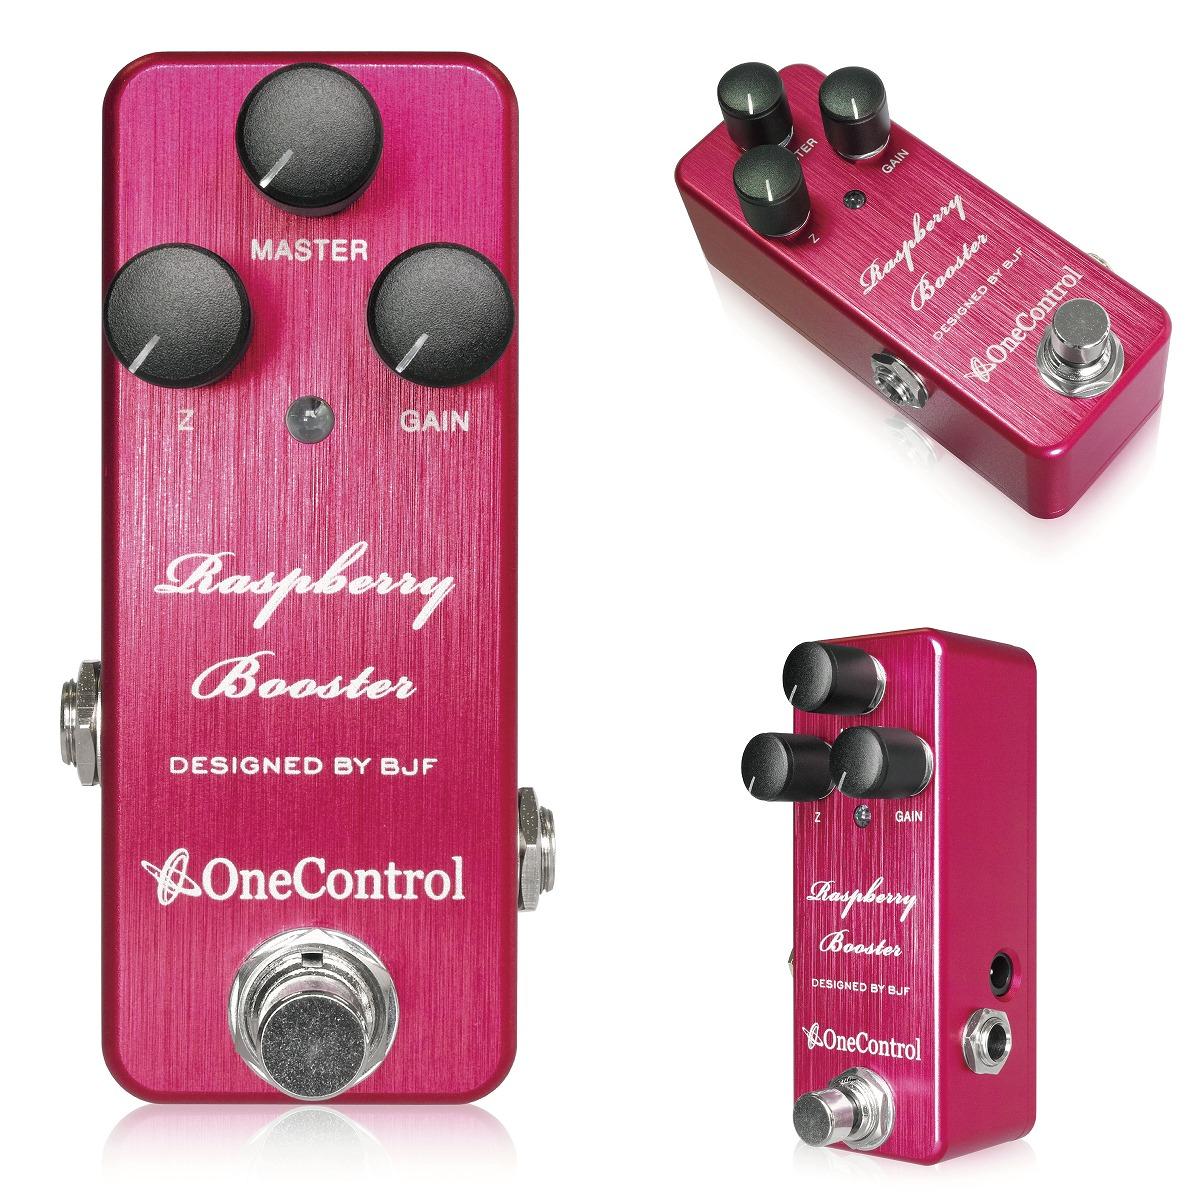 本物品質の One/ Control/ Raspberry Raspberry Control Booster【池袋店】, インナー@スタイルスクエア:1f0084d6 --- portalitab2.dominiotemporario.com